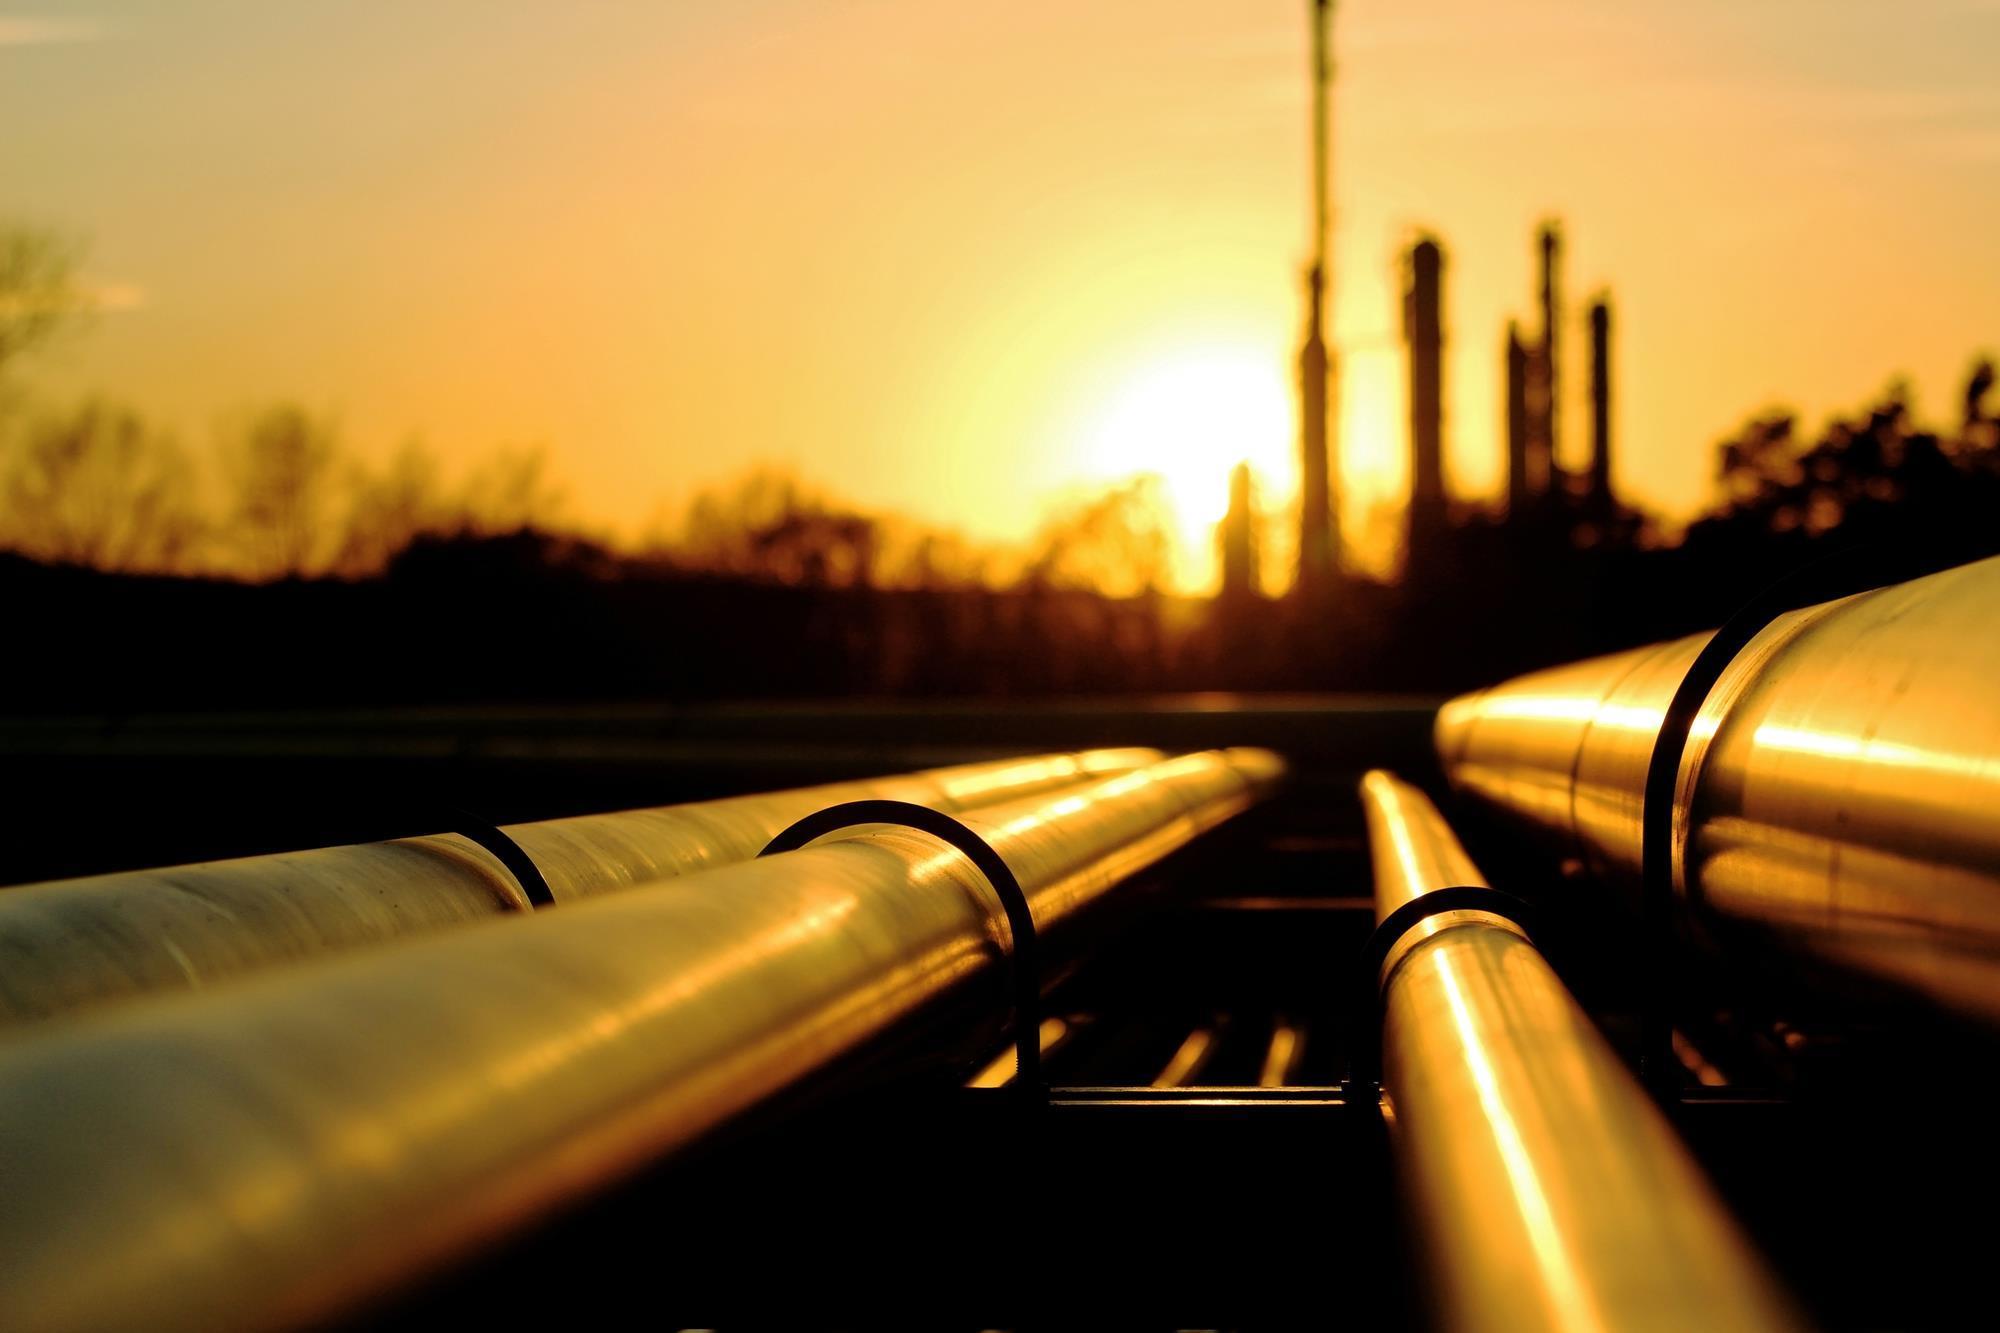 رشد ۳۲ درصدی مصرف گاز در بخش خانگی